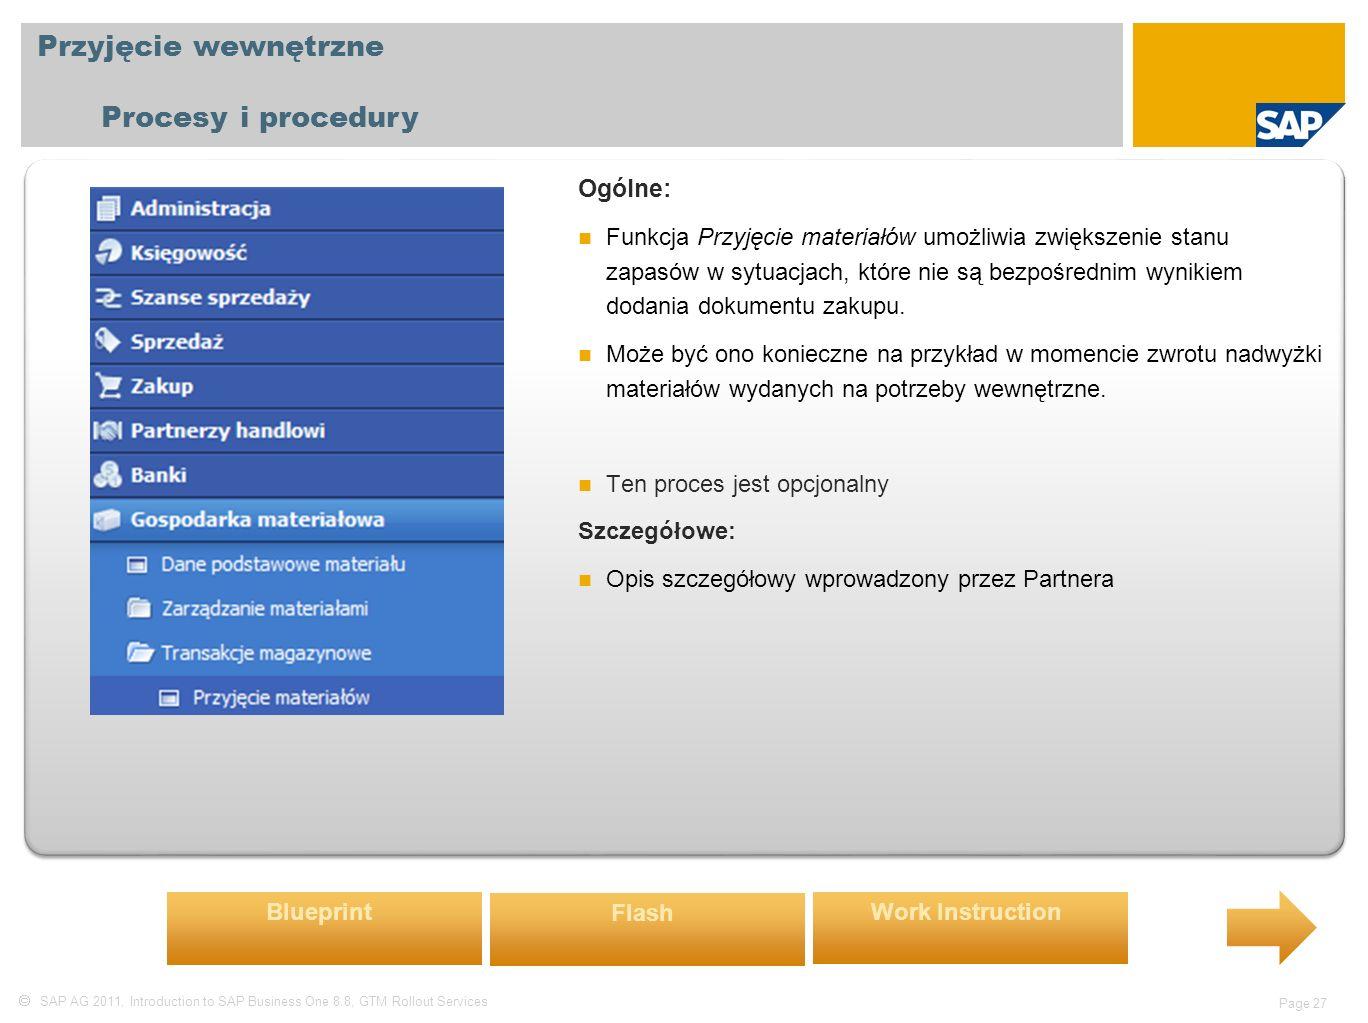  SAP AG 2011, Introduction to SAP Business One 8.8, GTM Rollout Services Page 27 Przyjęcie wewnętrzne Procesy i procedury Ogólne: Funkcja Przyjęcie m